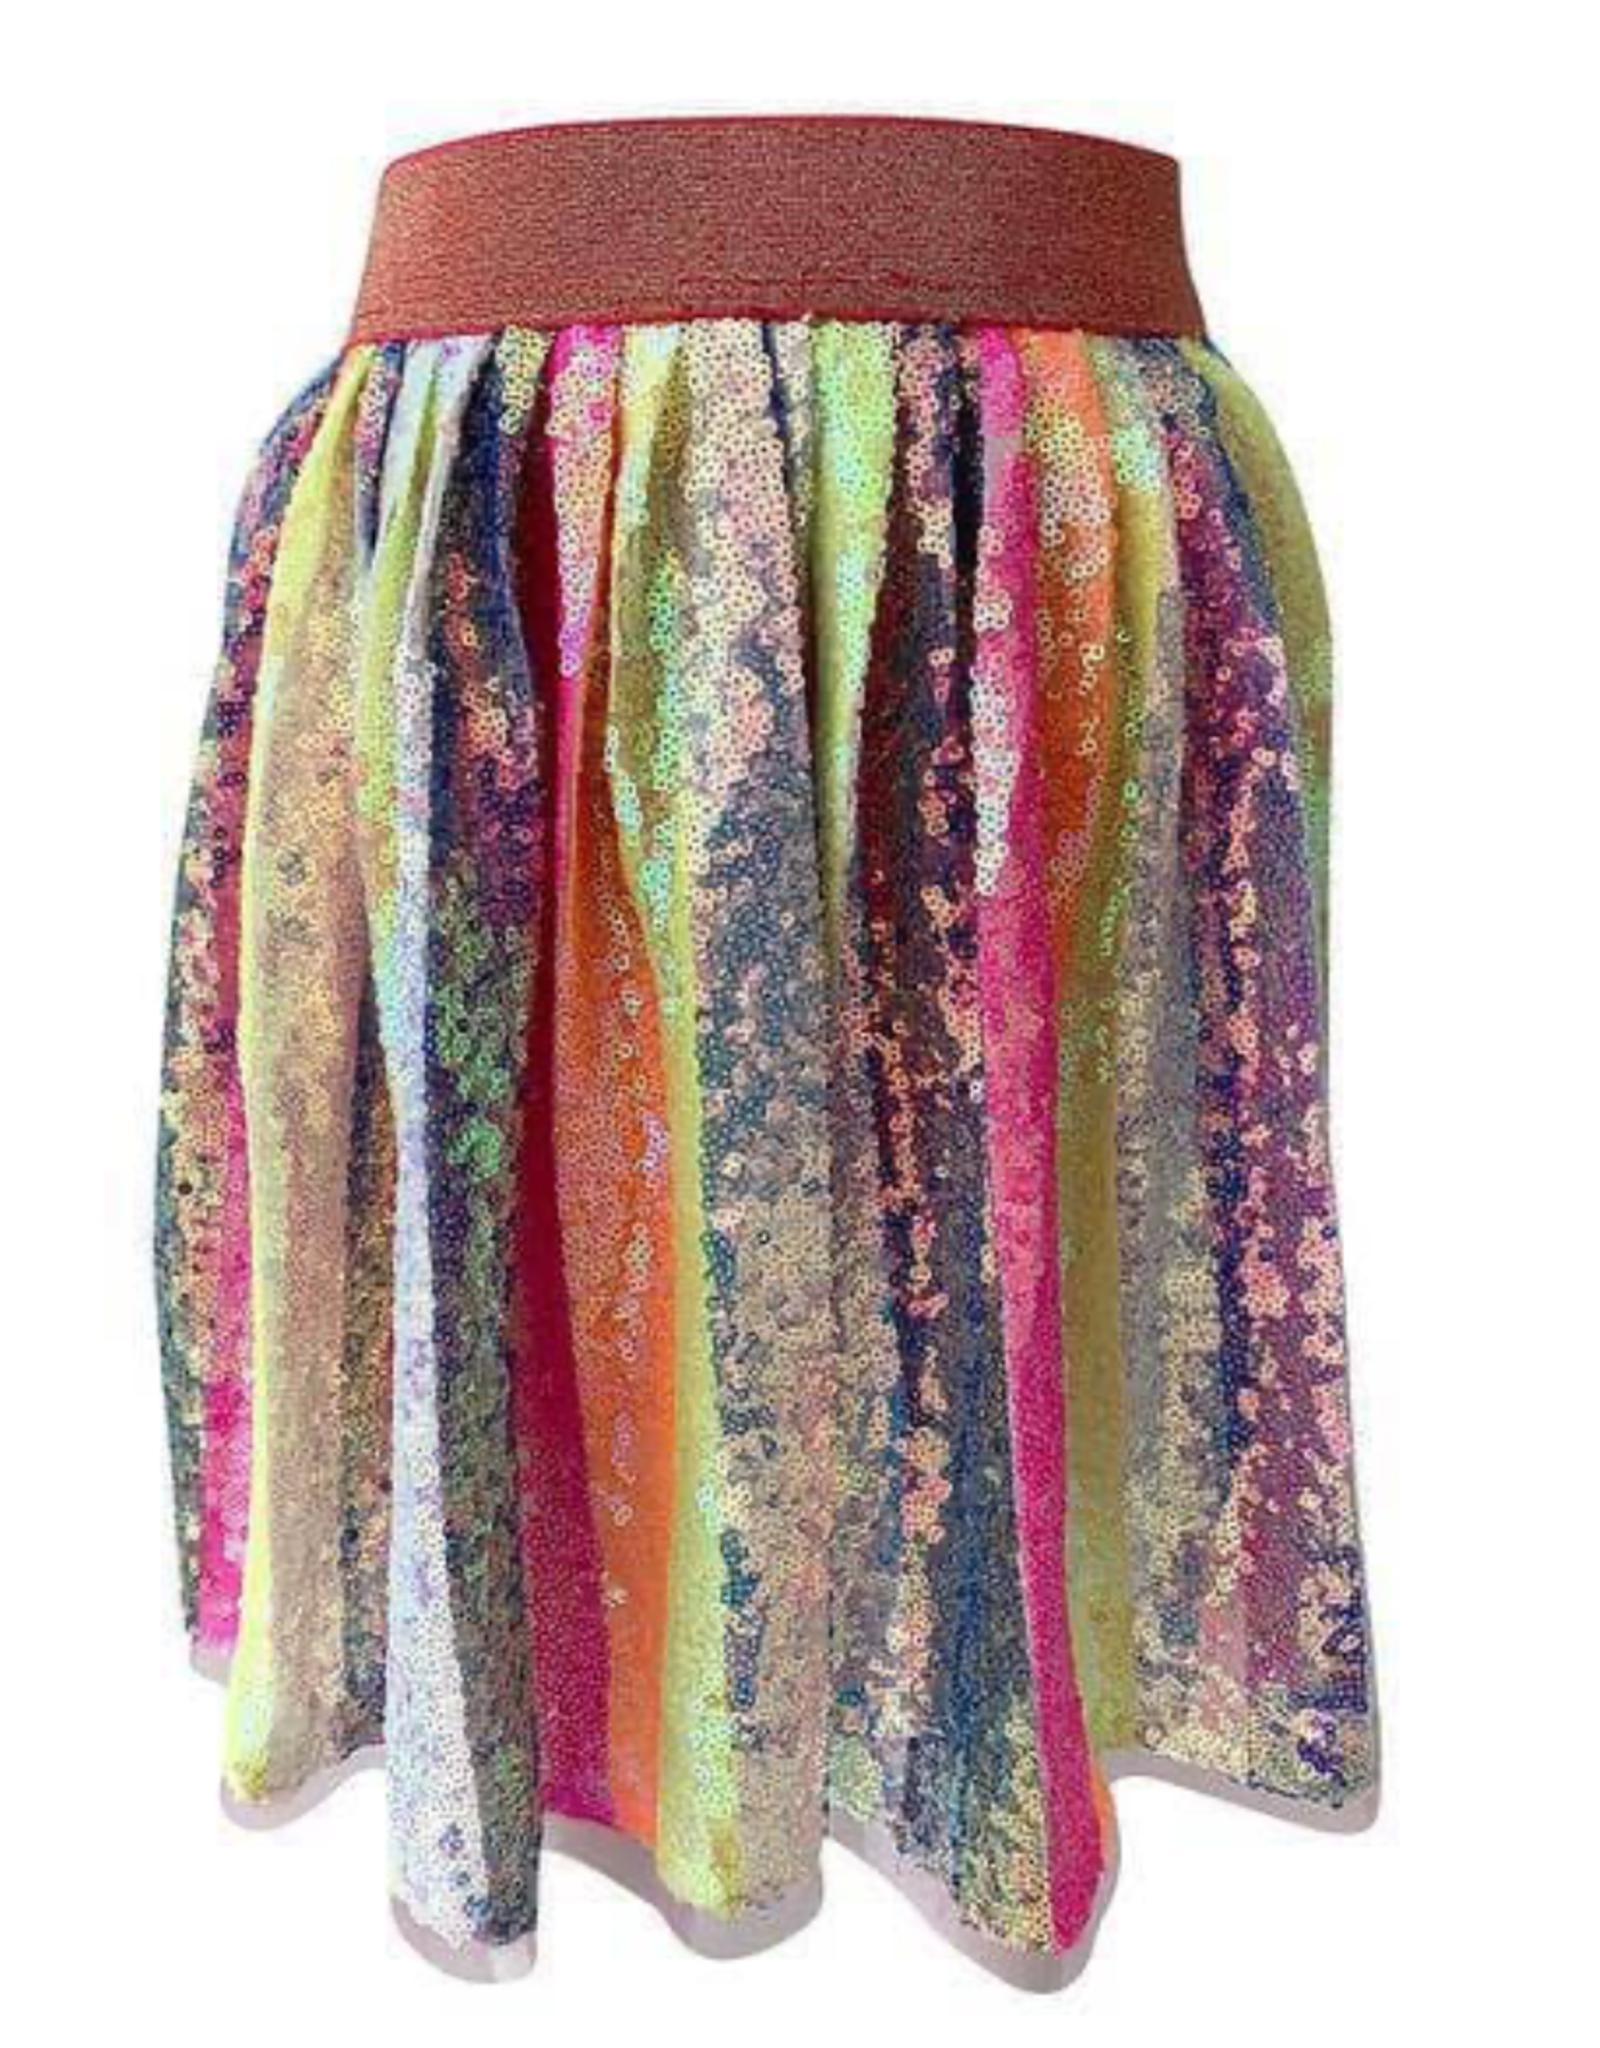 Lola & The Boys Lola & The Boys Striped Sequin Skirt